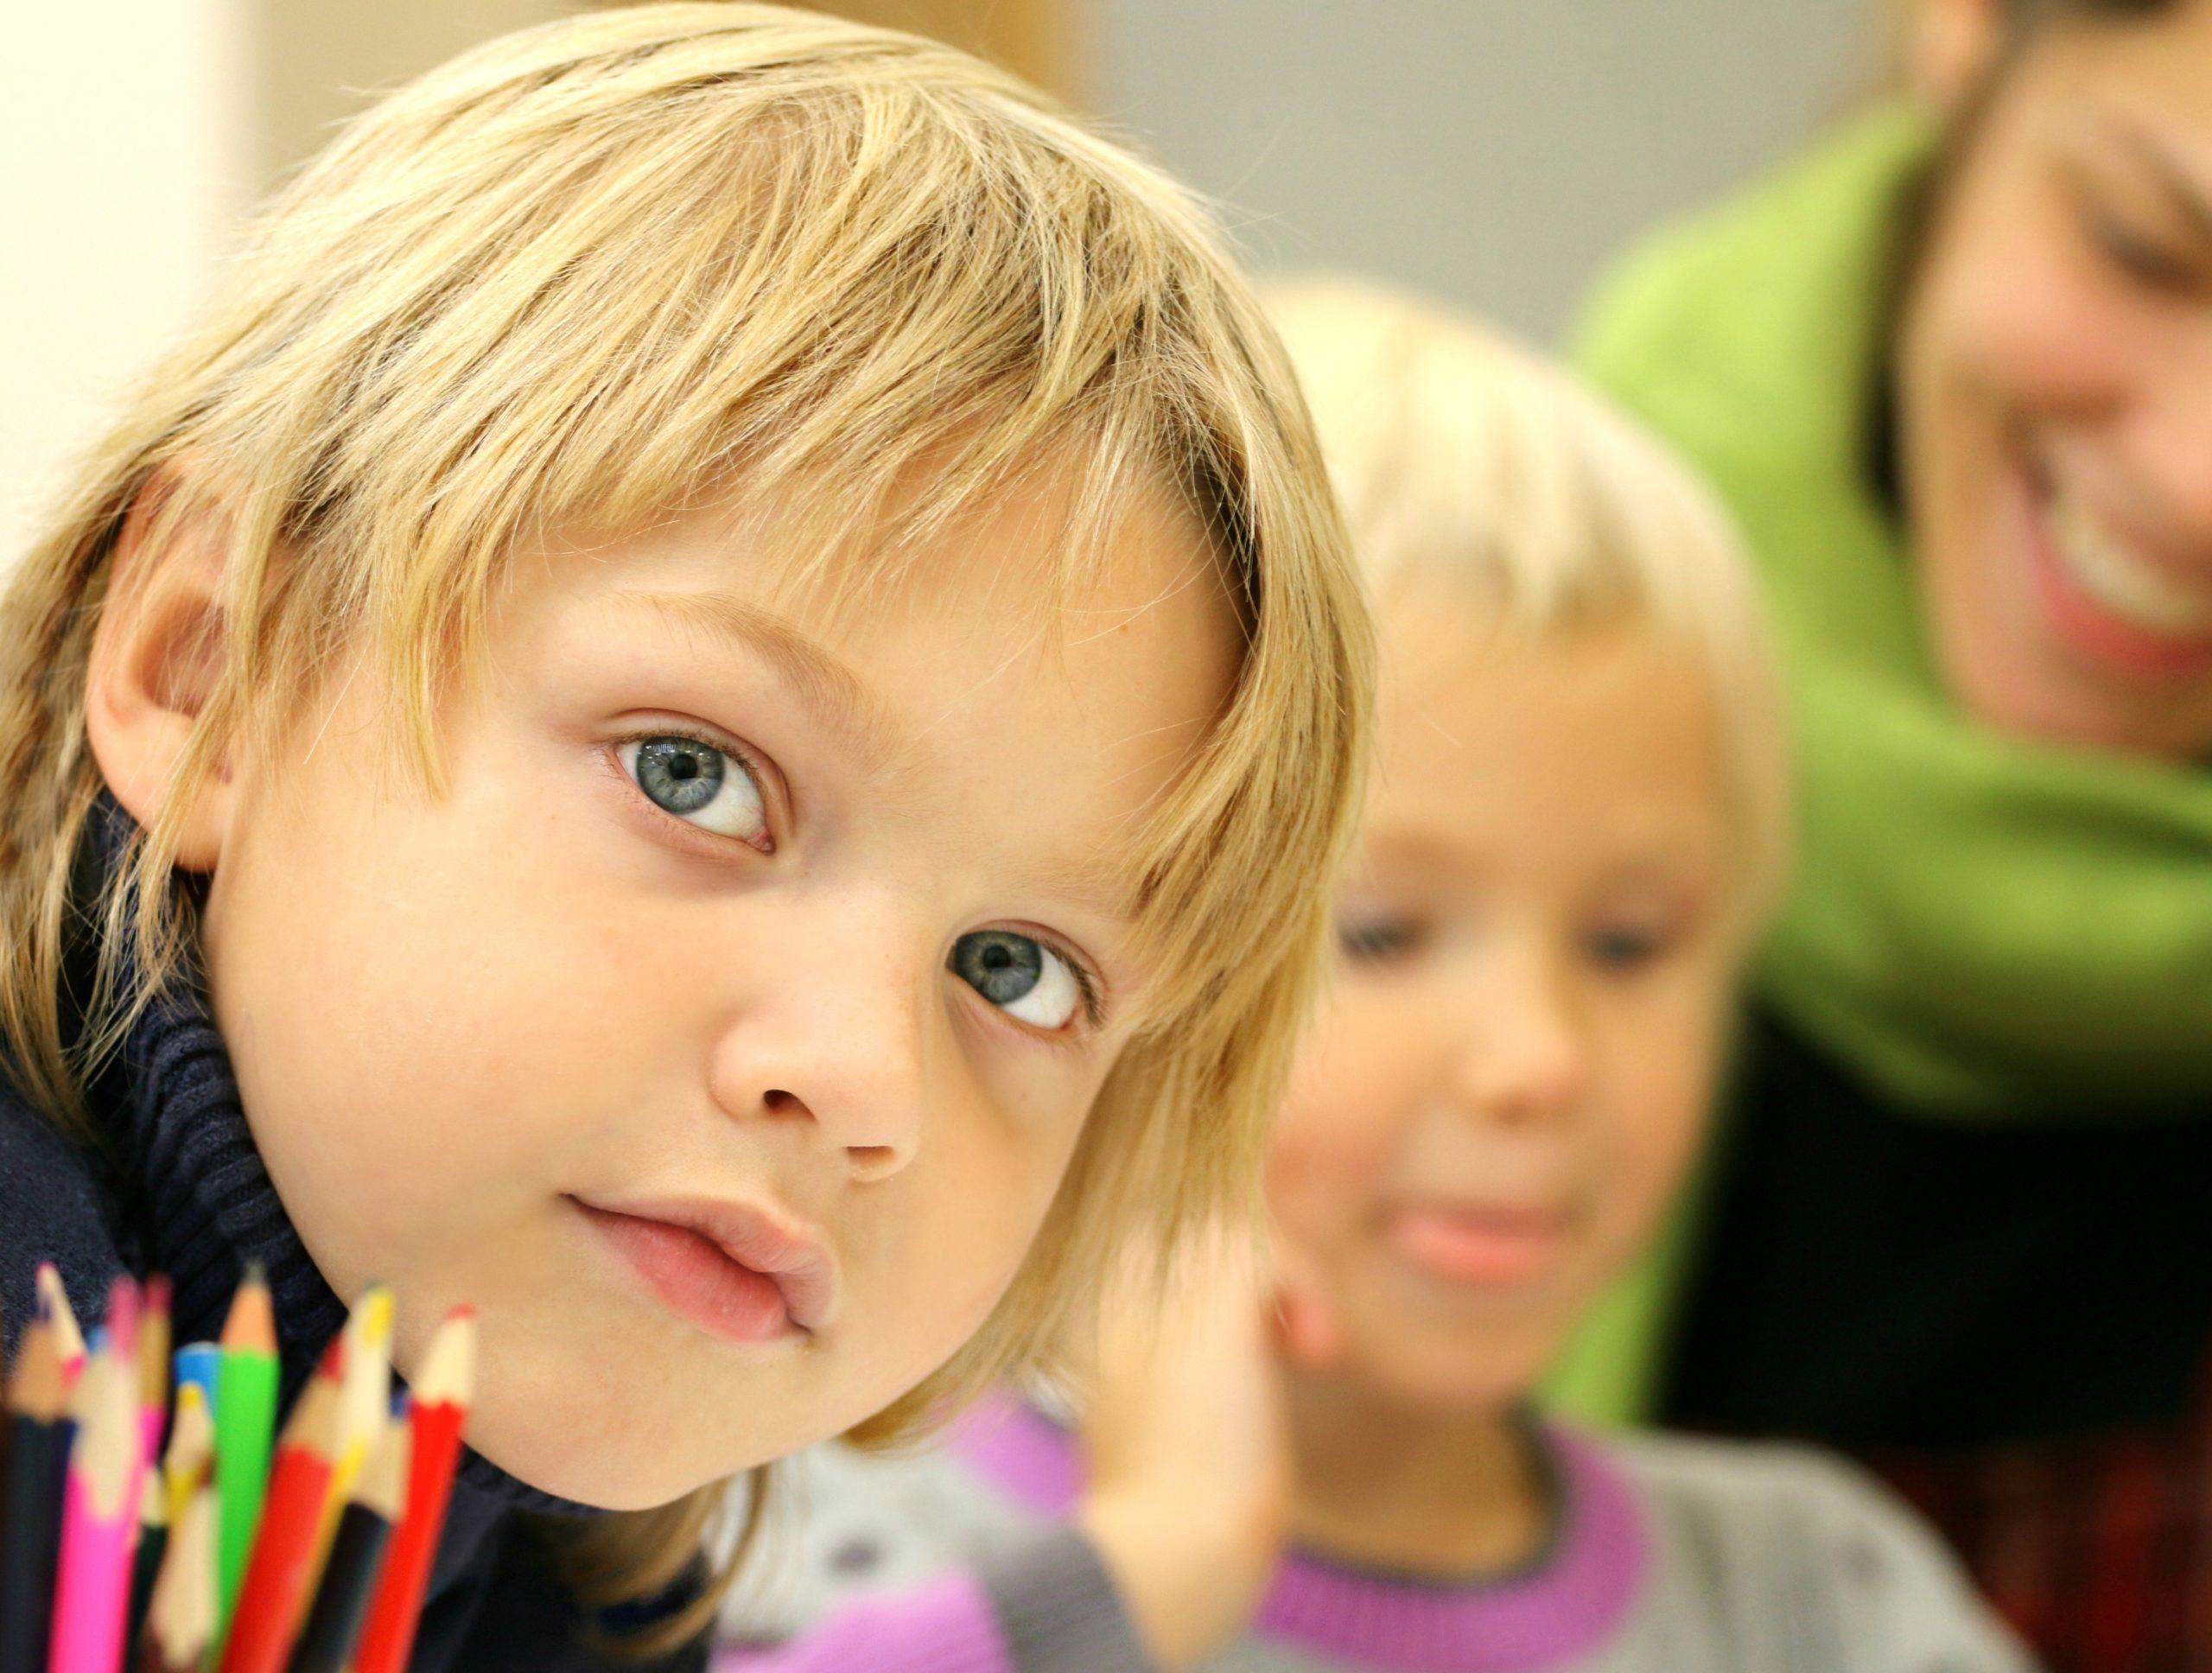 Dentiste pour enfant : comment le choisir ?